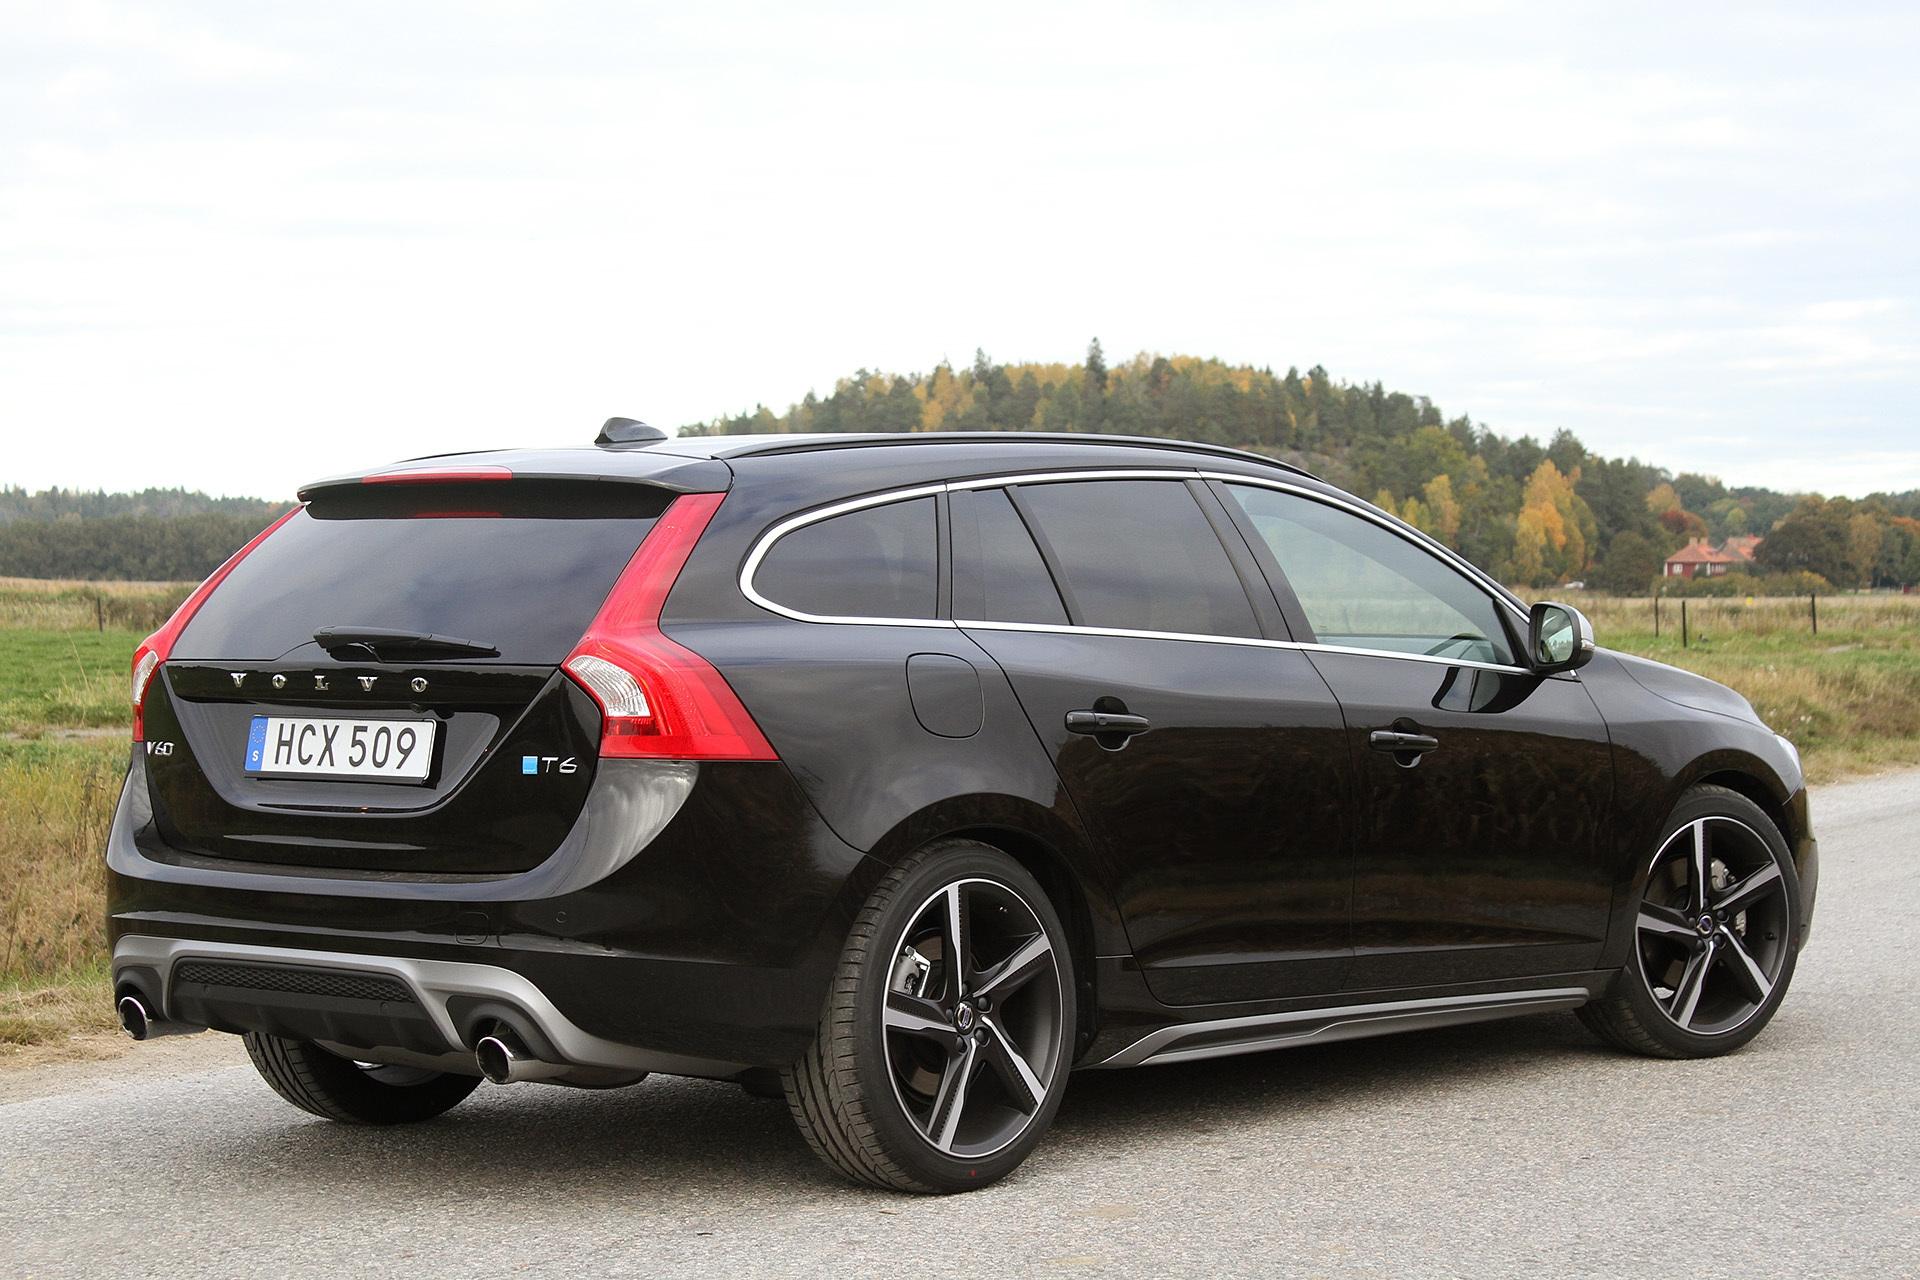 Новый Volvo V60 T6 Awd 2016 фото цена технические